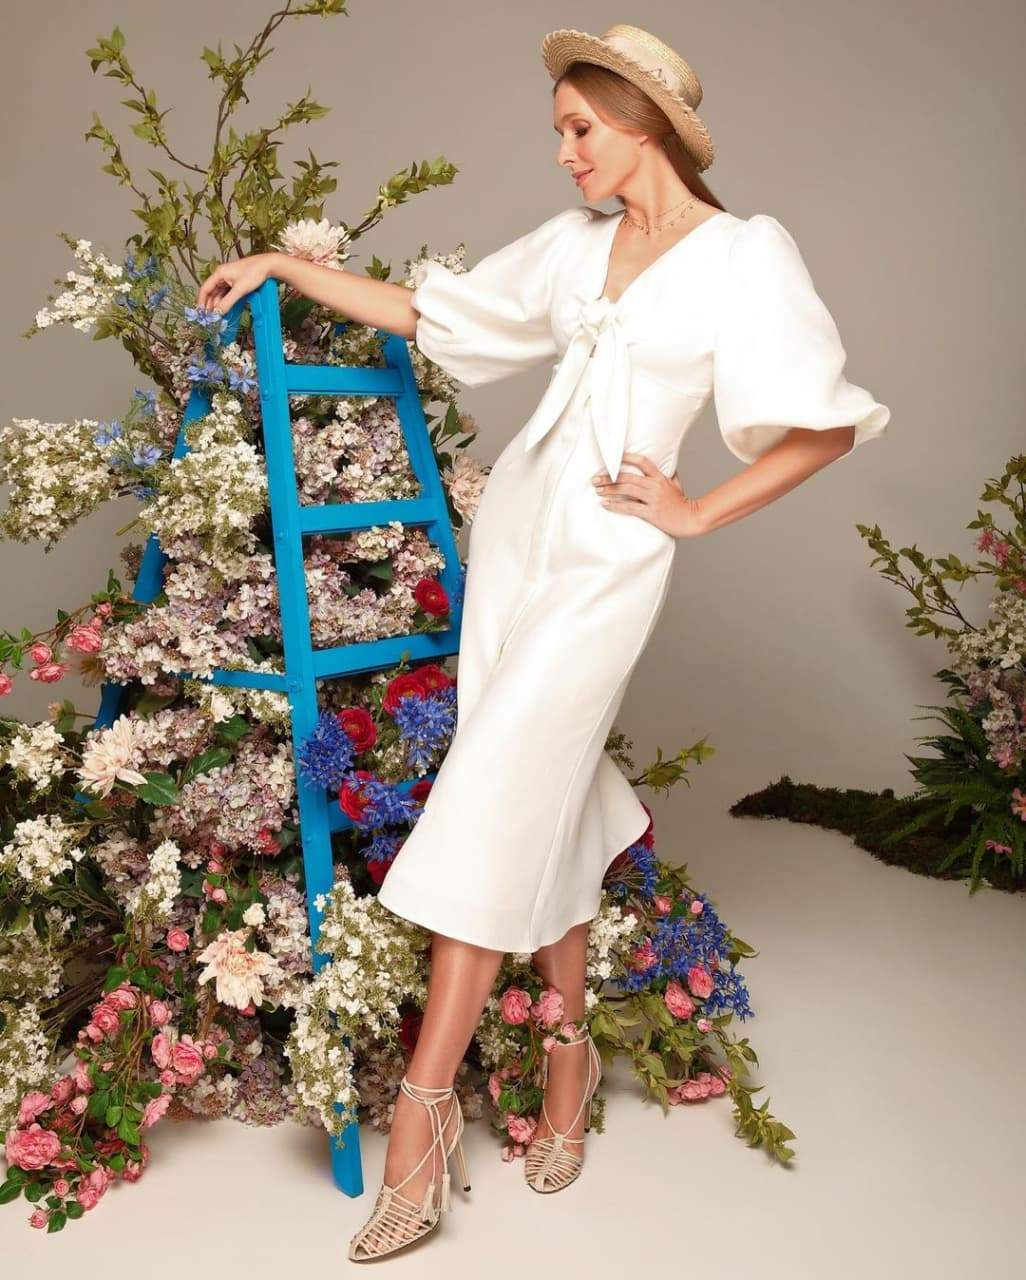 Телеведуча позує у вбранні зі спільної колекції з Андре Таном